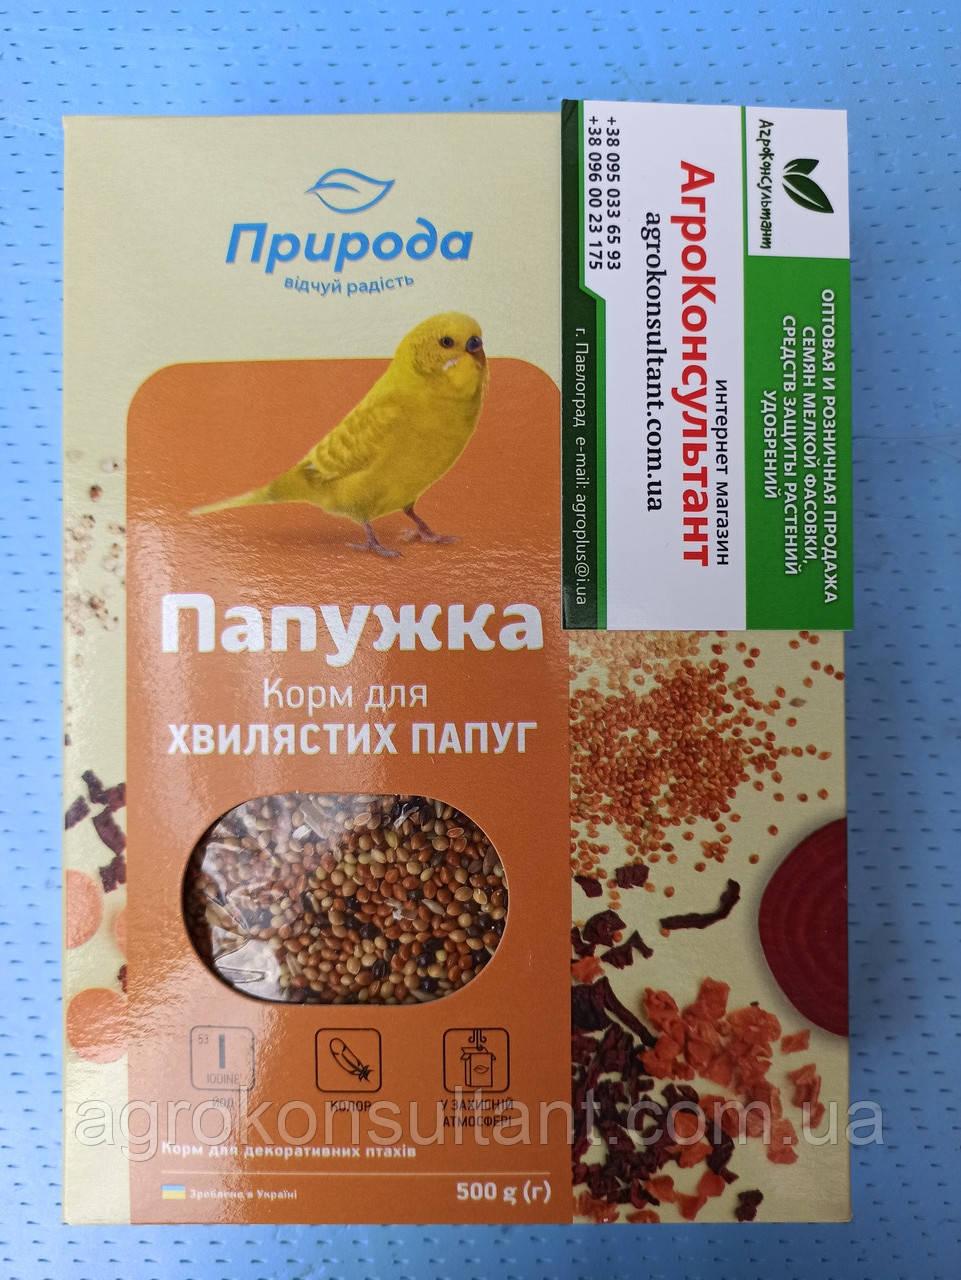 """Корм """"Папужка. Йод + колор  """", 500 г - полноценный витаминизированный корм для волнистых попугаев"""